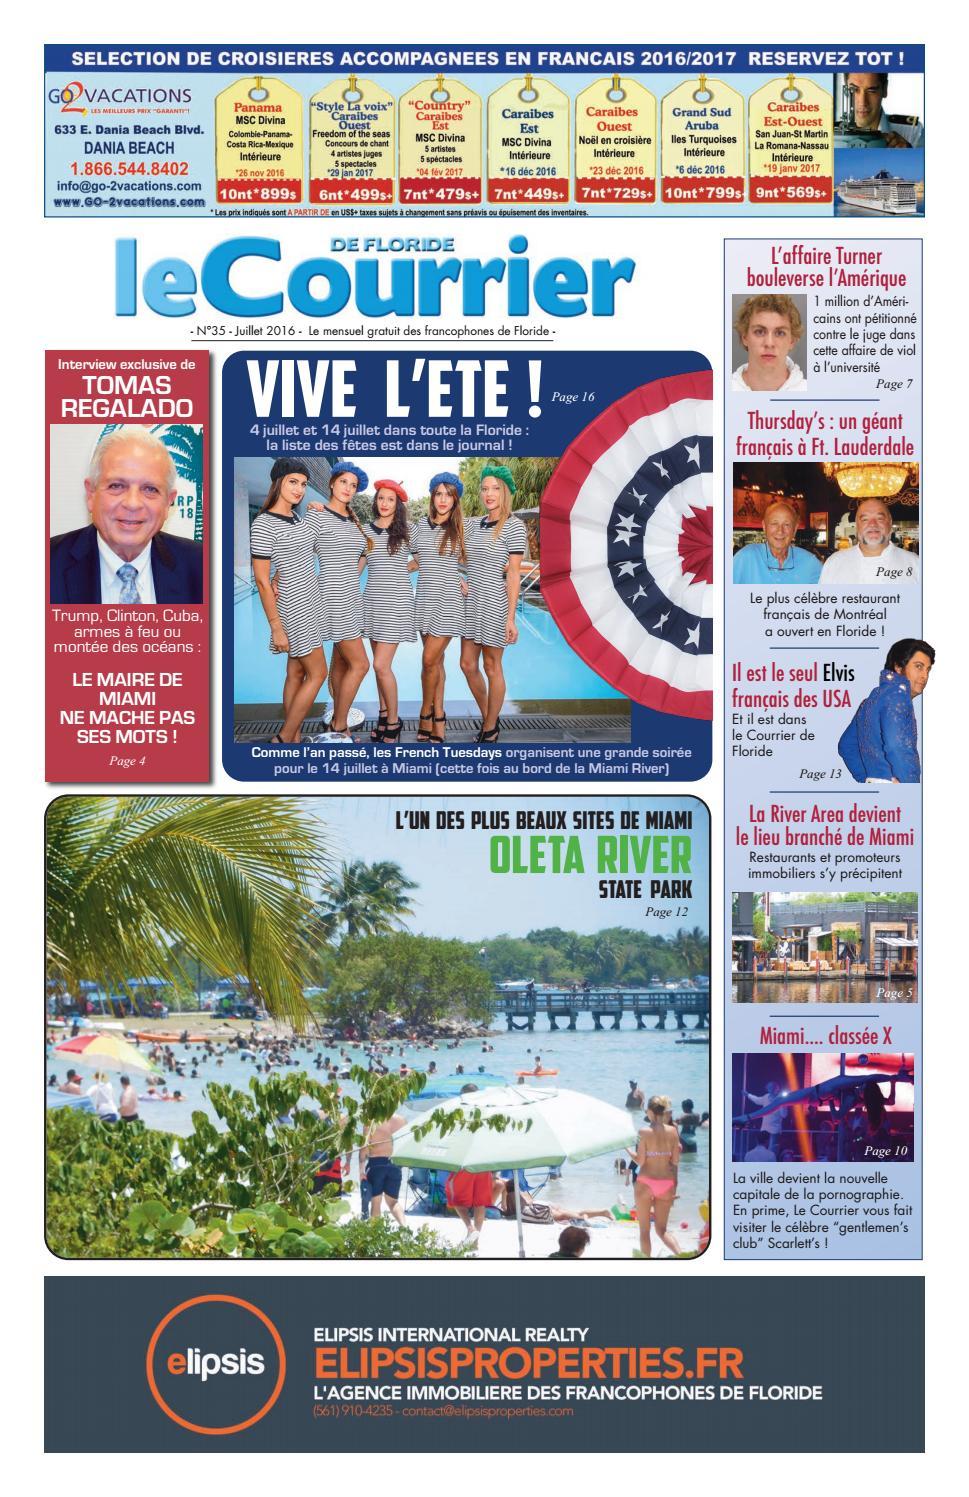 Le Courrier de Floride   Juillet 2016 by CourrierUSA - issuu 8ca974847c5